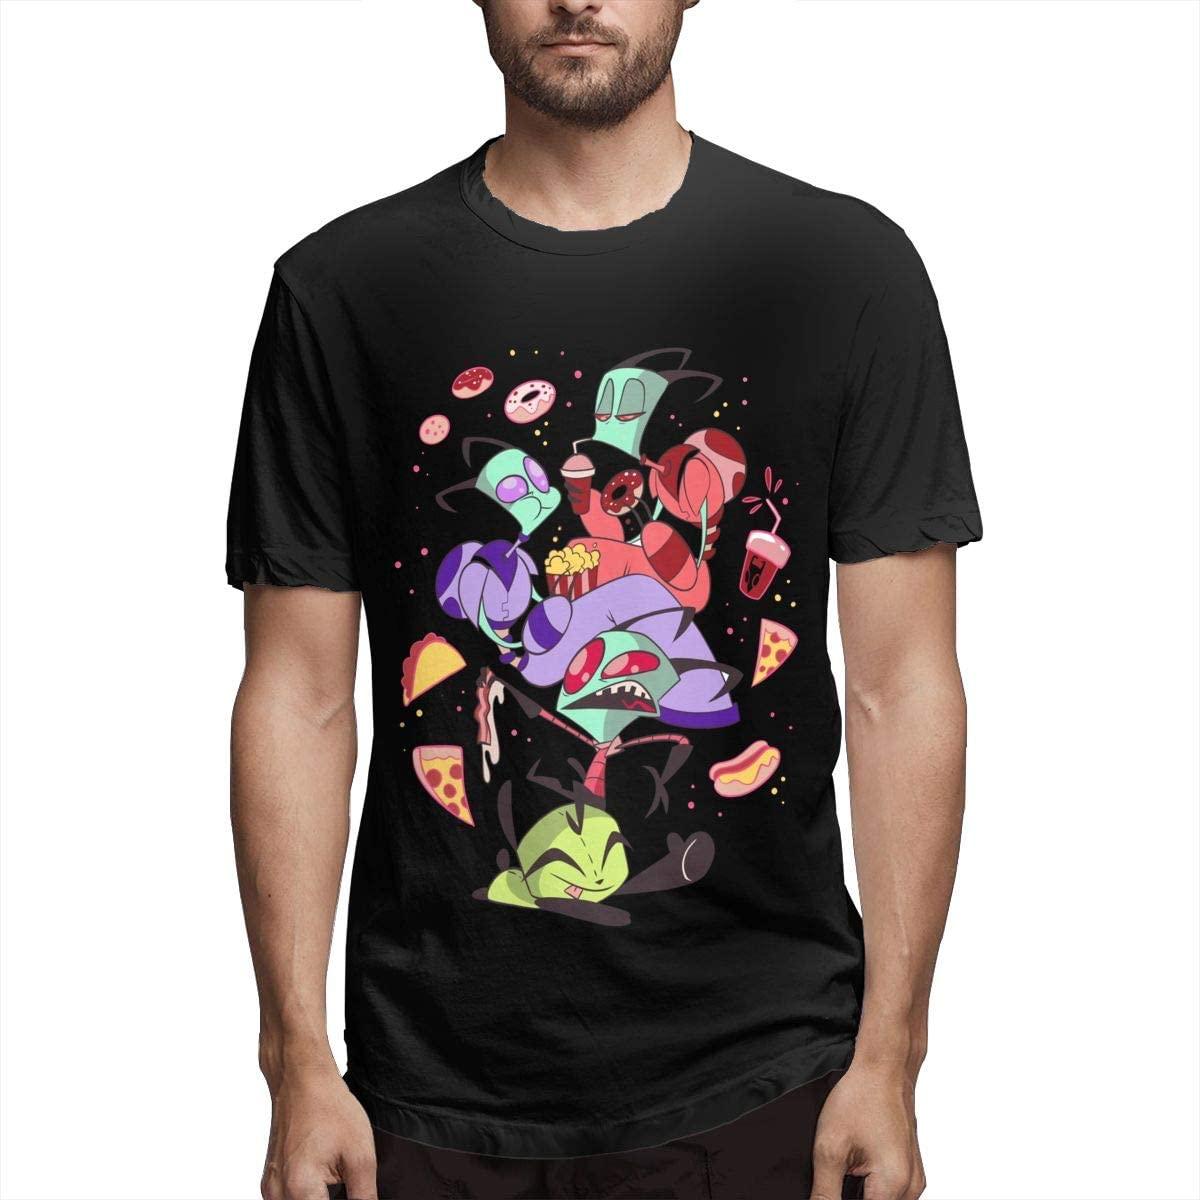 Invader Zim Men's Cotton T Shirt Fashion Round Neck Short Sleeve Black